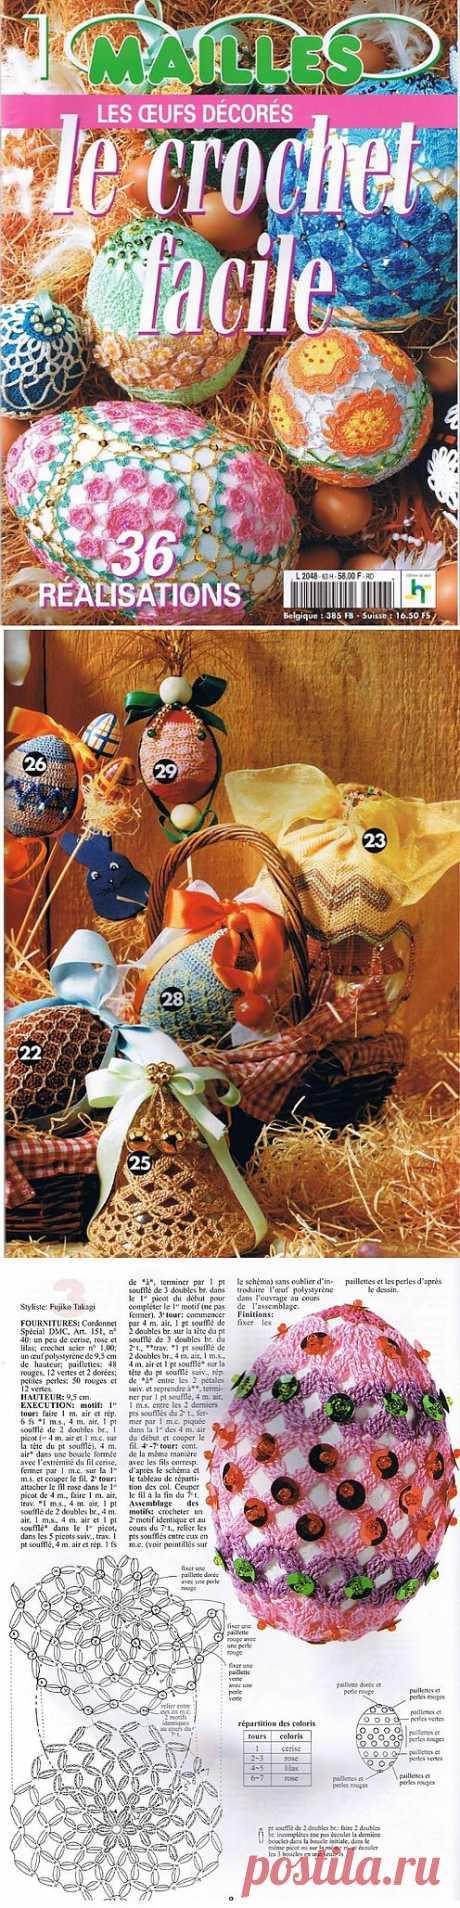 Вязаные яйца к Пасхе - журнал.